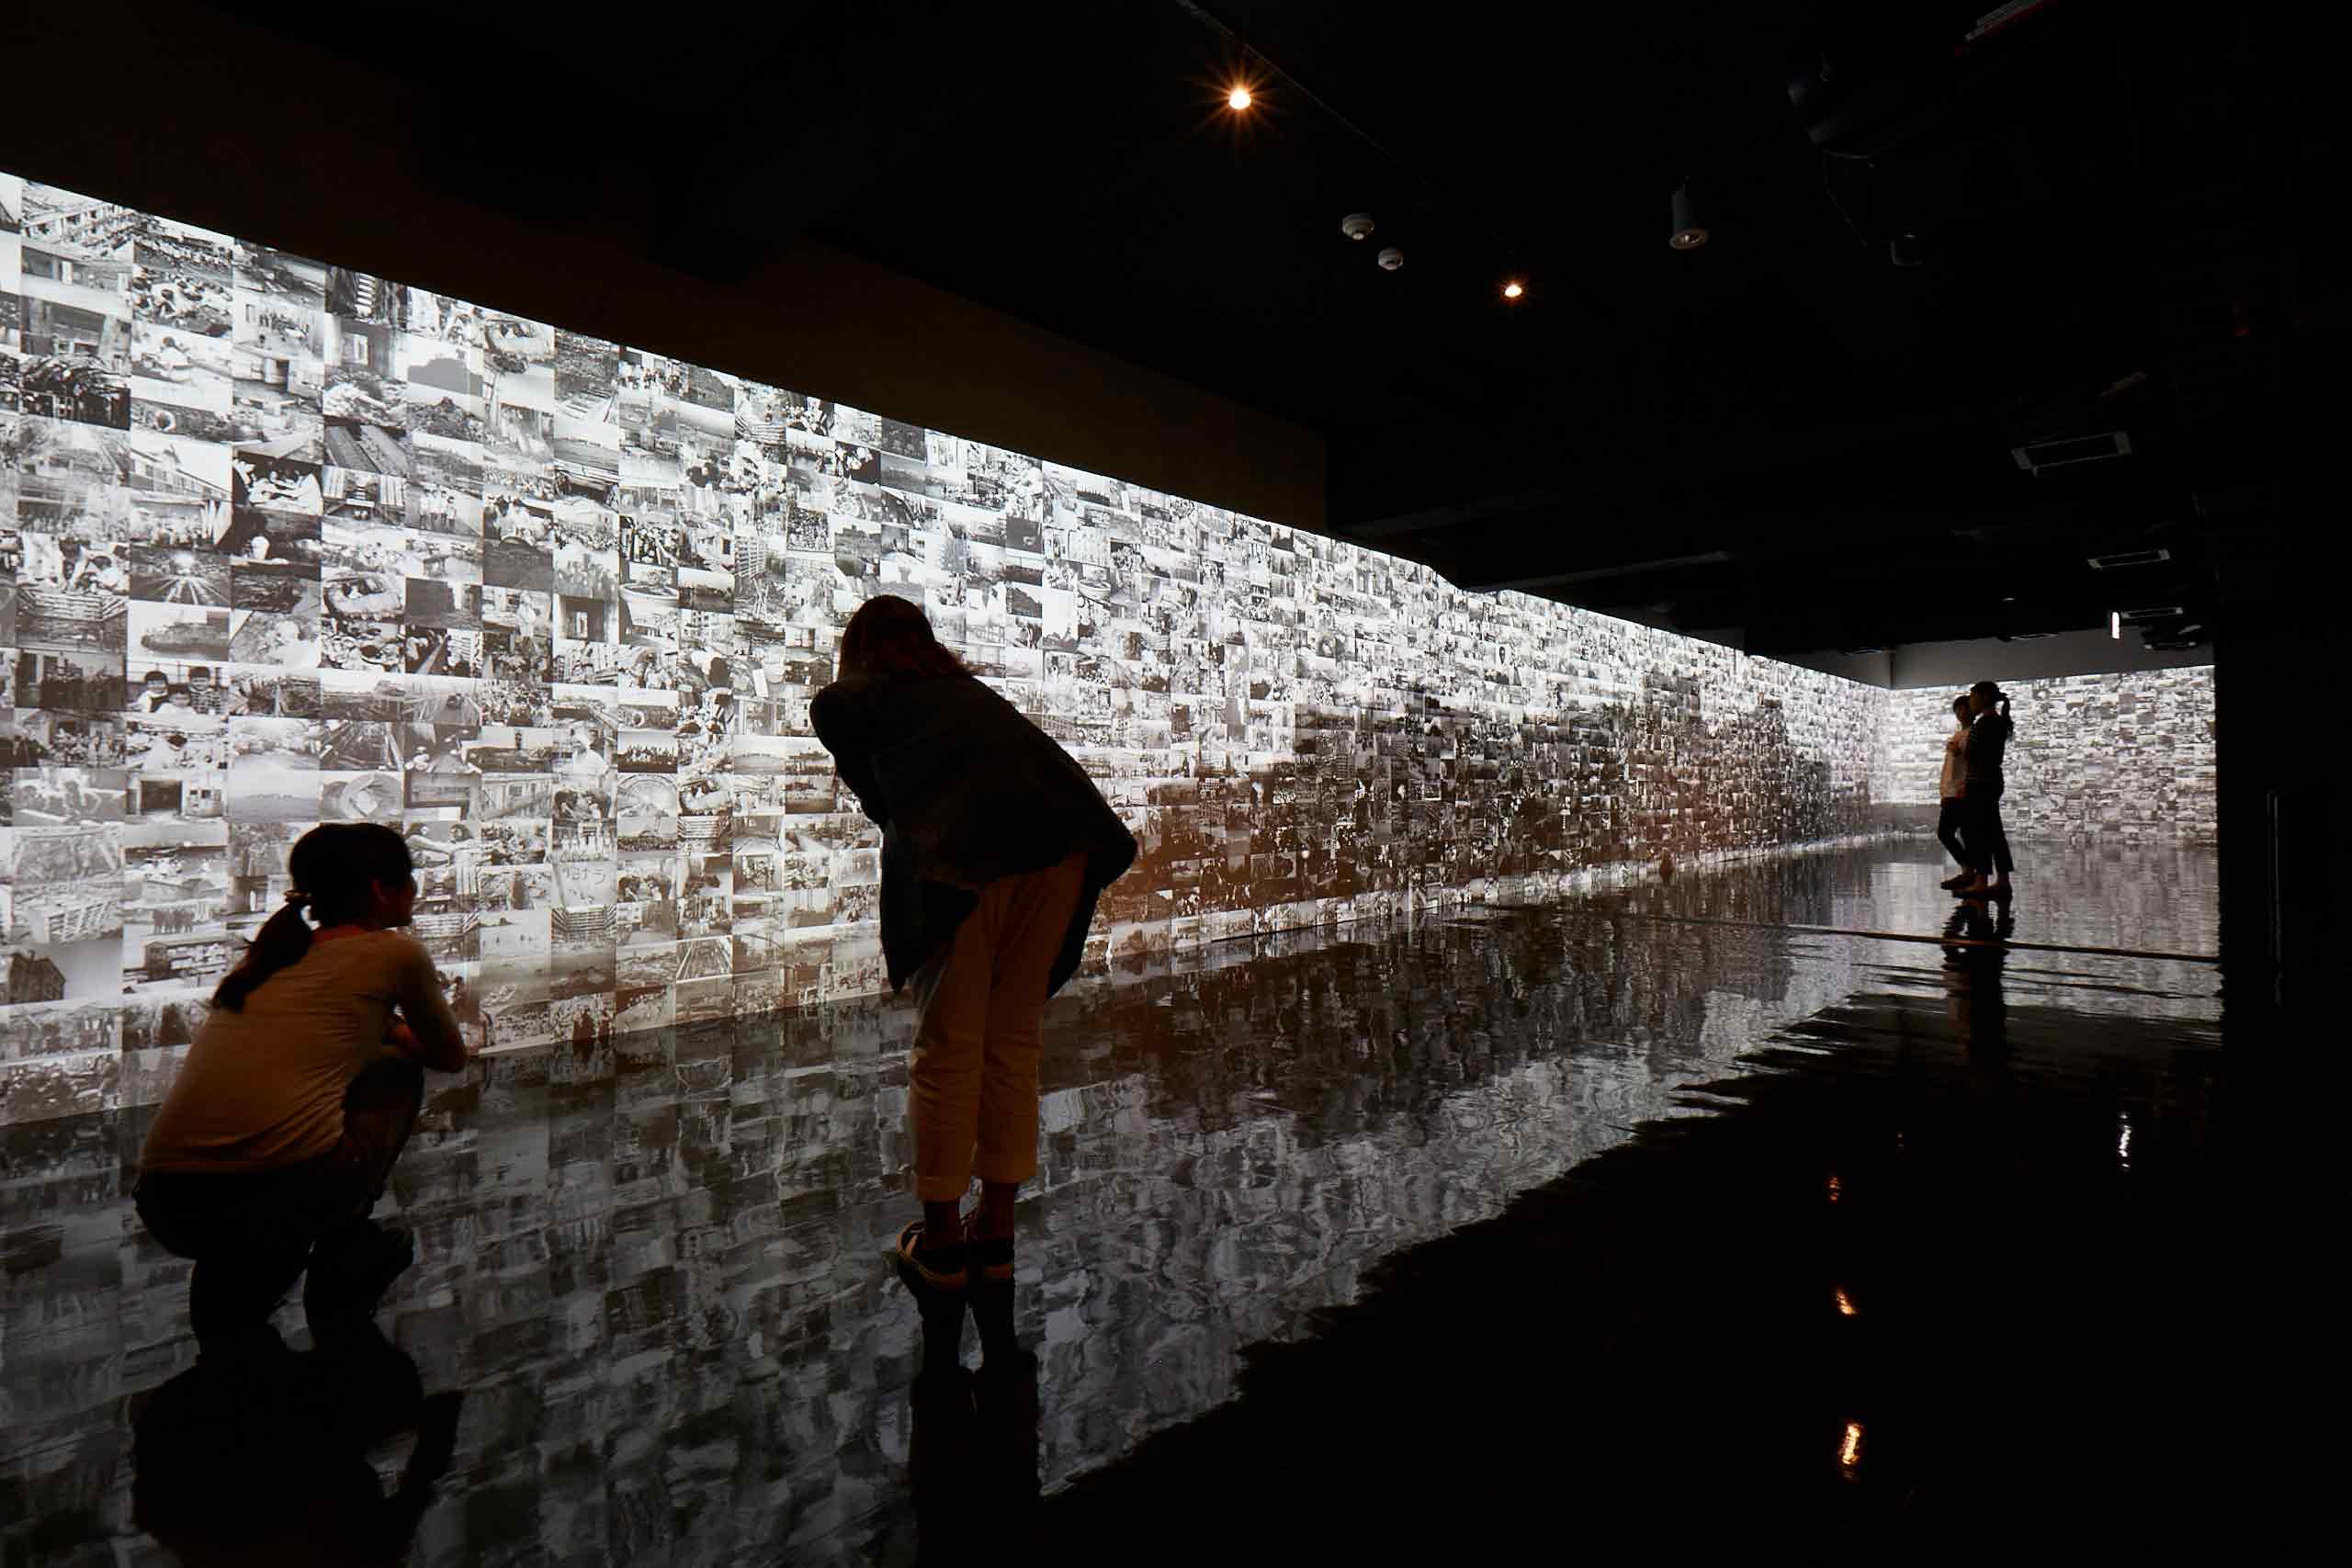 軍艦島デジタルミュージアム <br> Gunkanjima – Battle Ship Digital Museum